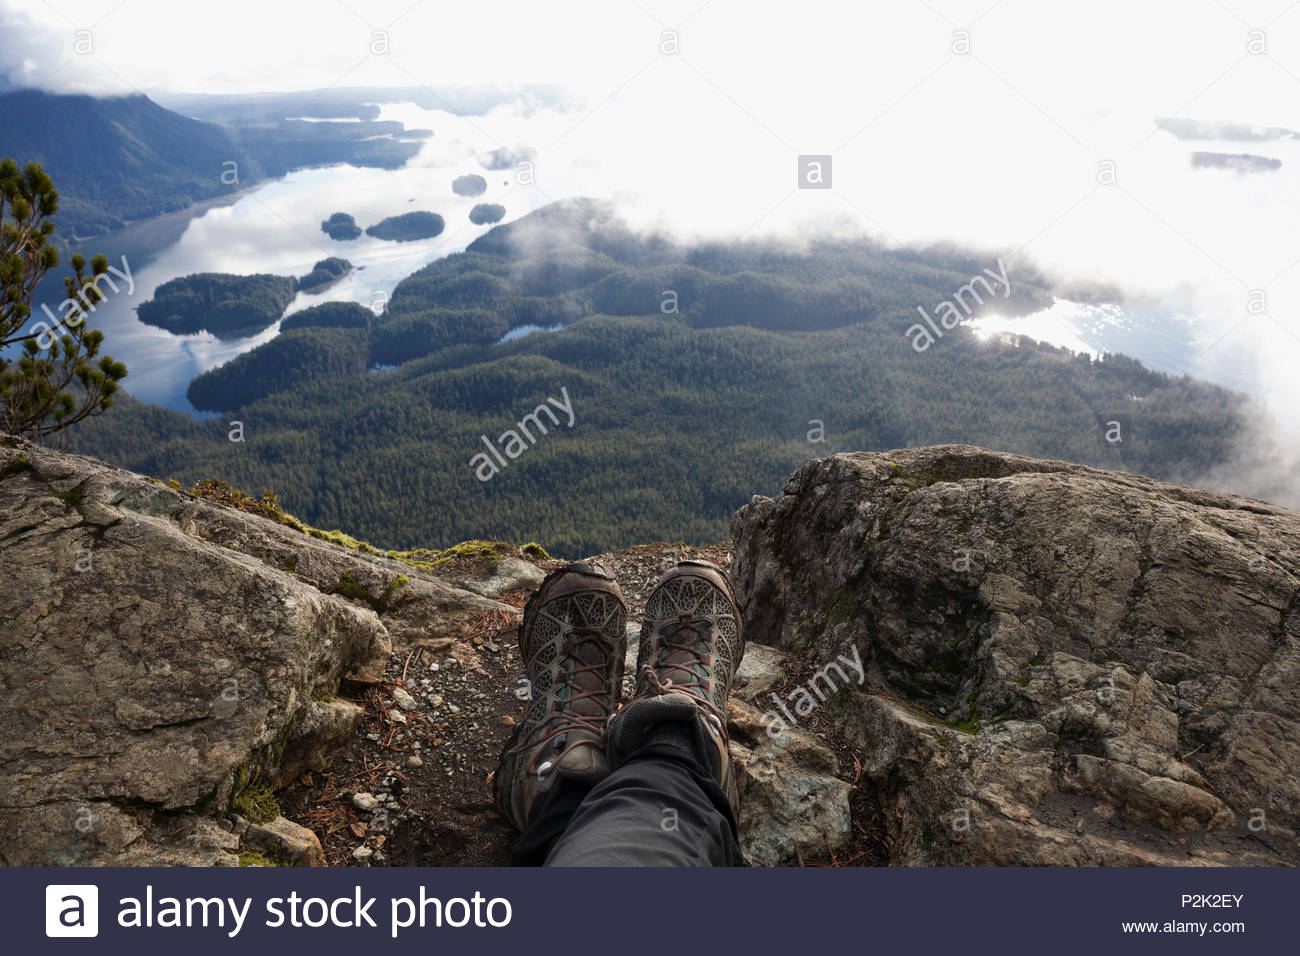 Perspectiva Personal excursionista descansar, disfrutando de vistas panorámicas Imagen De Stock